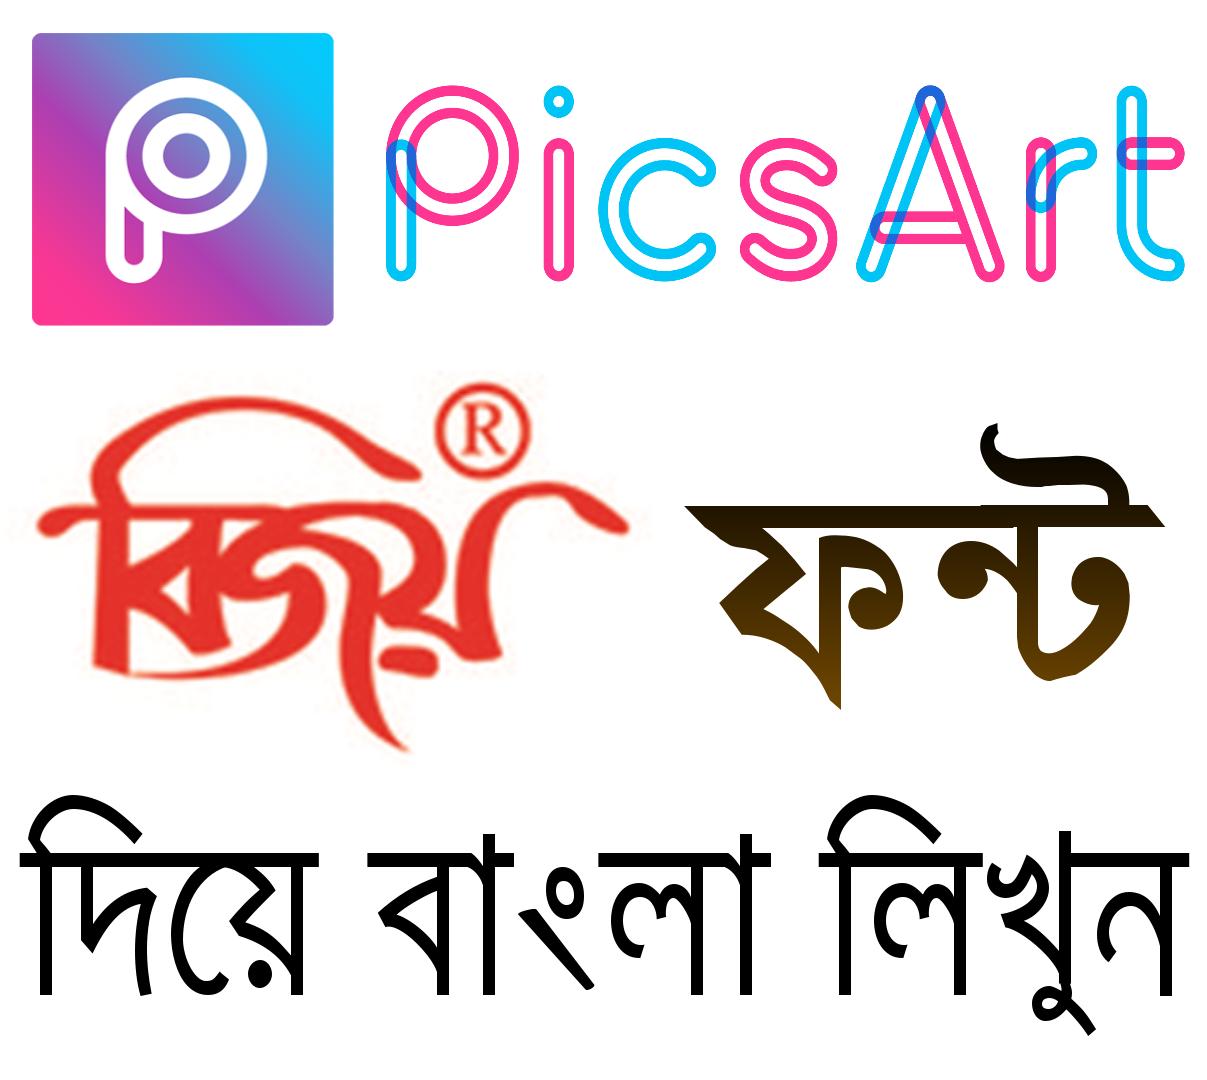 PicsArt-এ Bijoy ফন্ট দিয়ে স্টাইল করে বাংলা লিখুন!!!